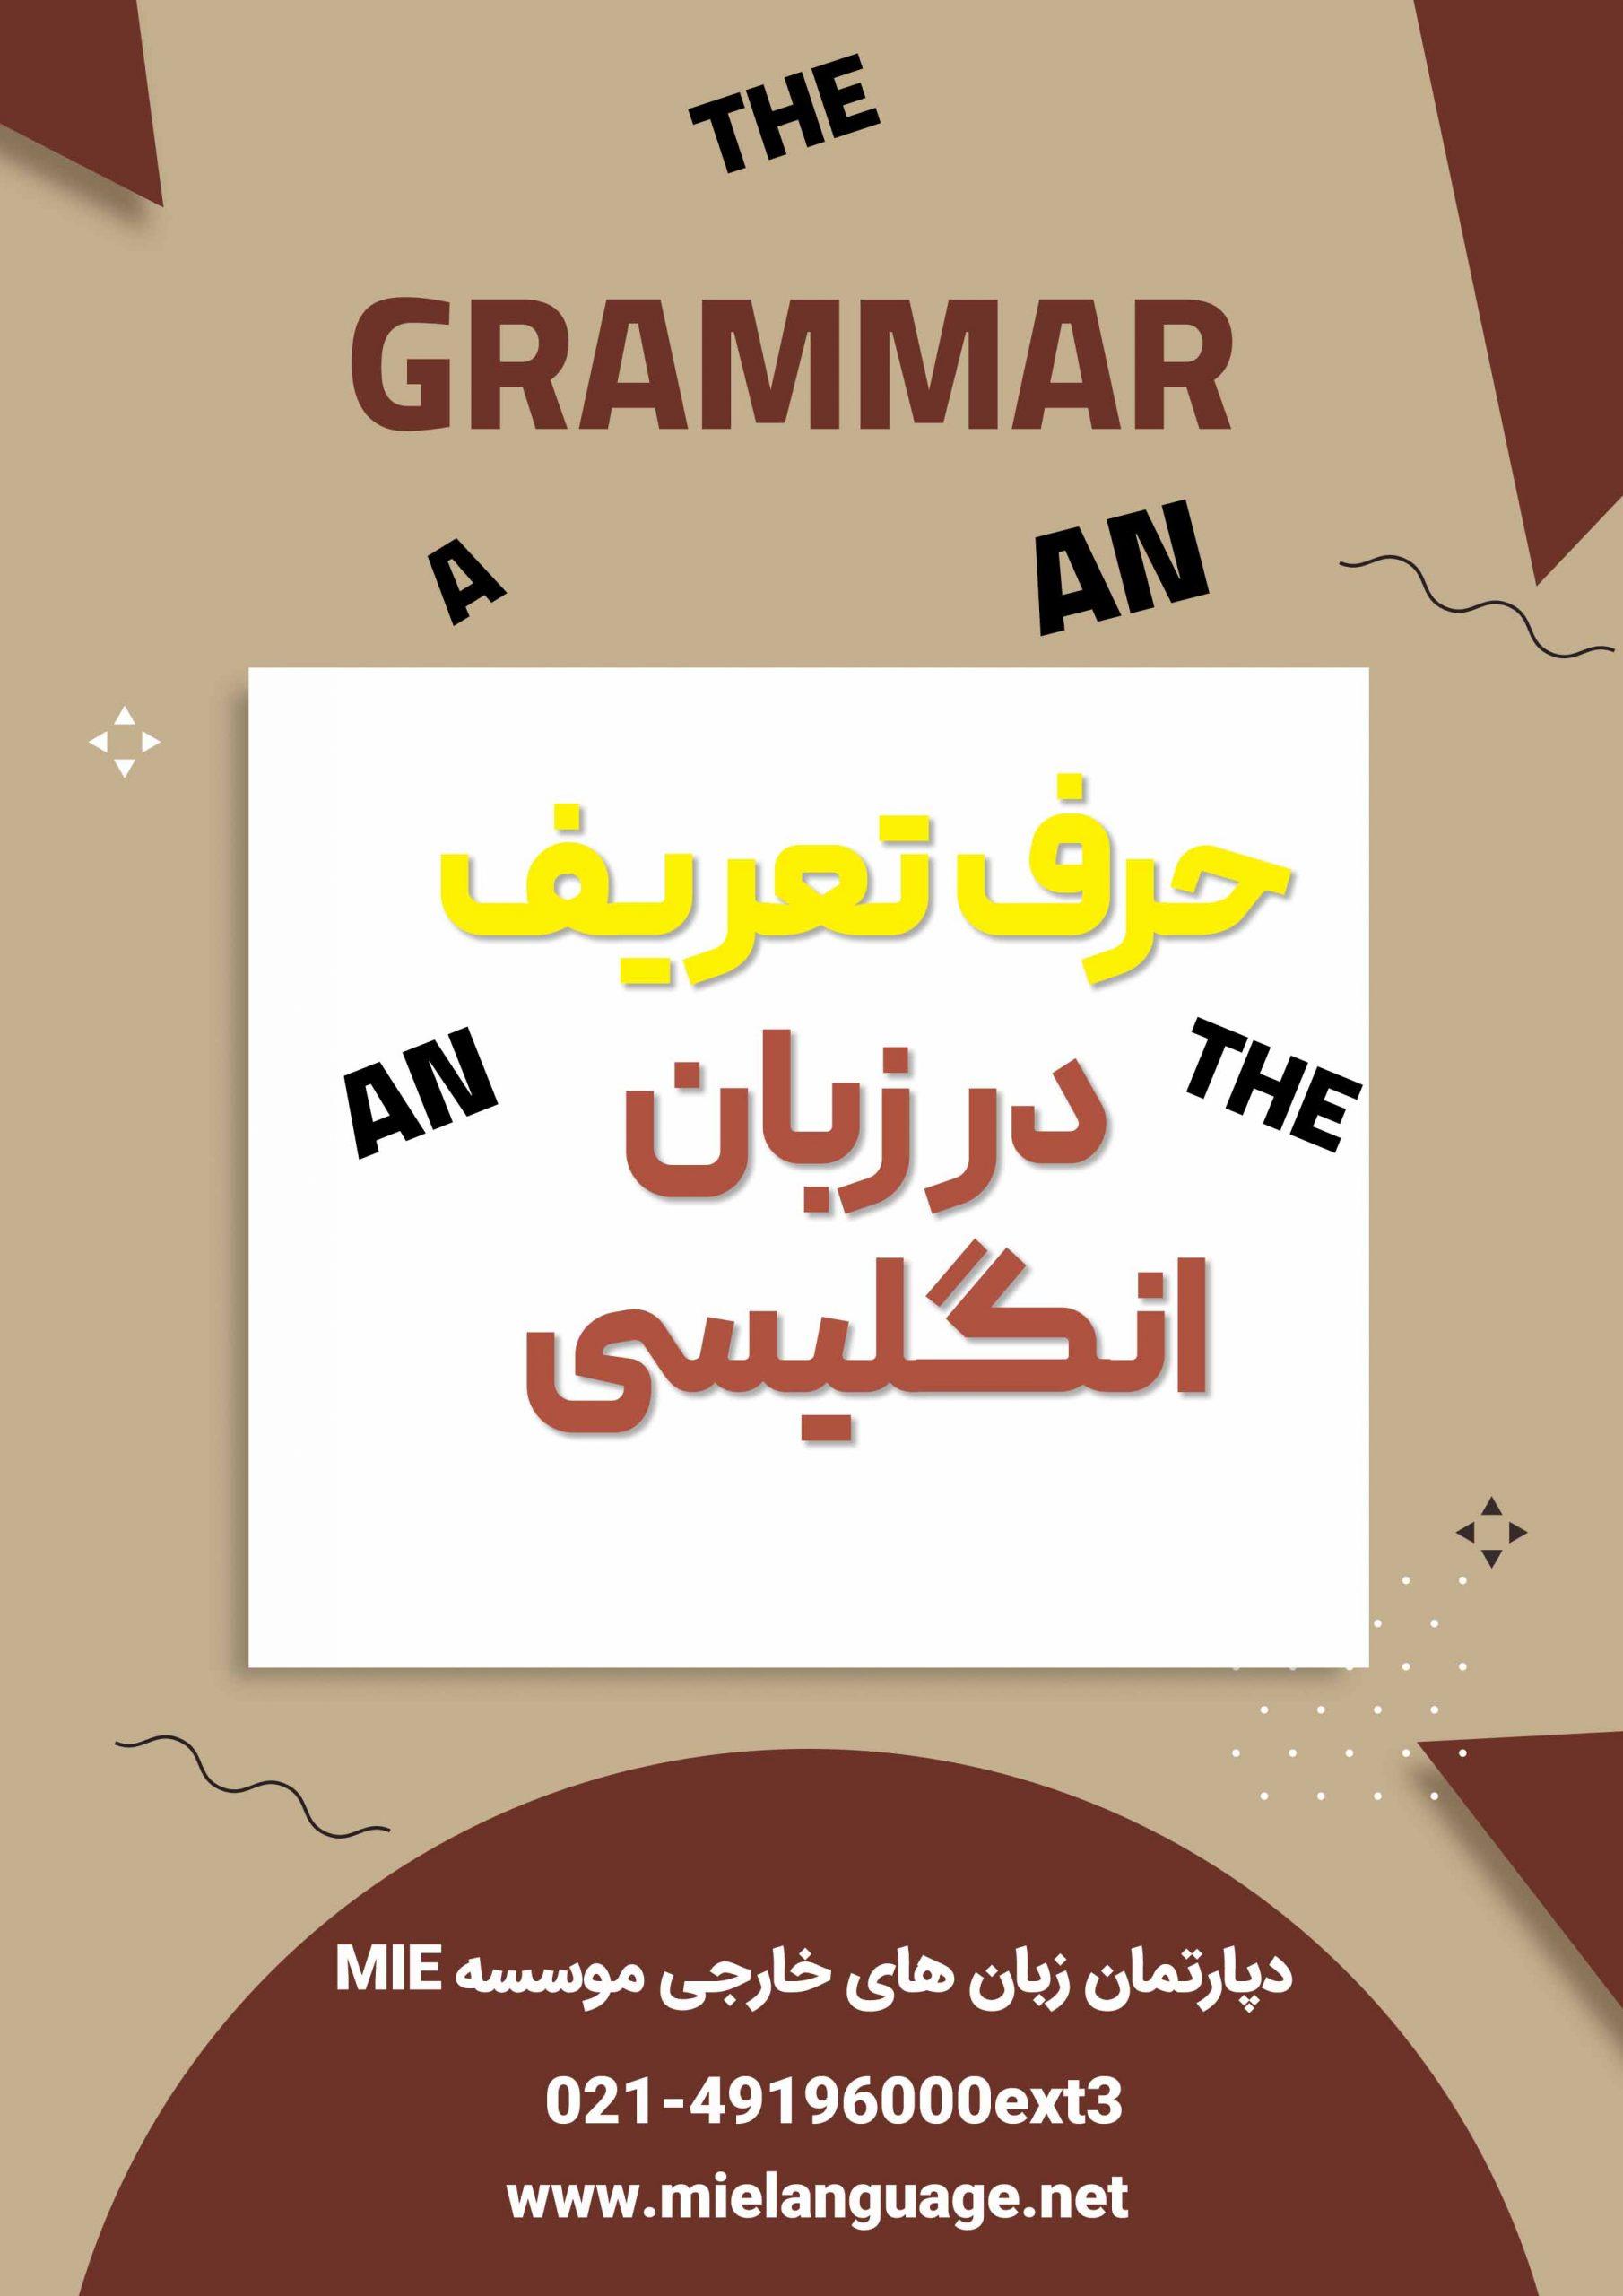 کاربرد حرف تعریف در زبان انگلیسی